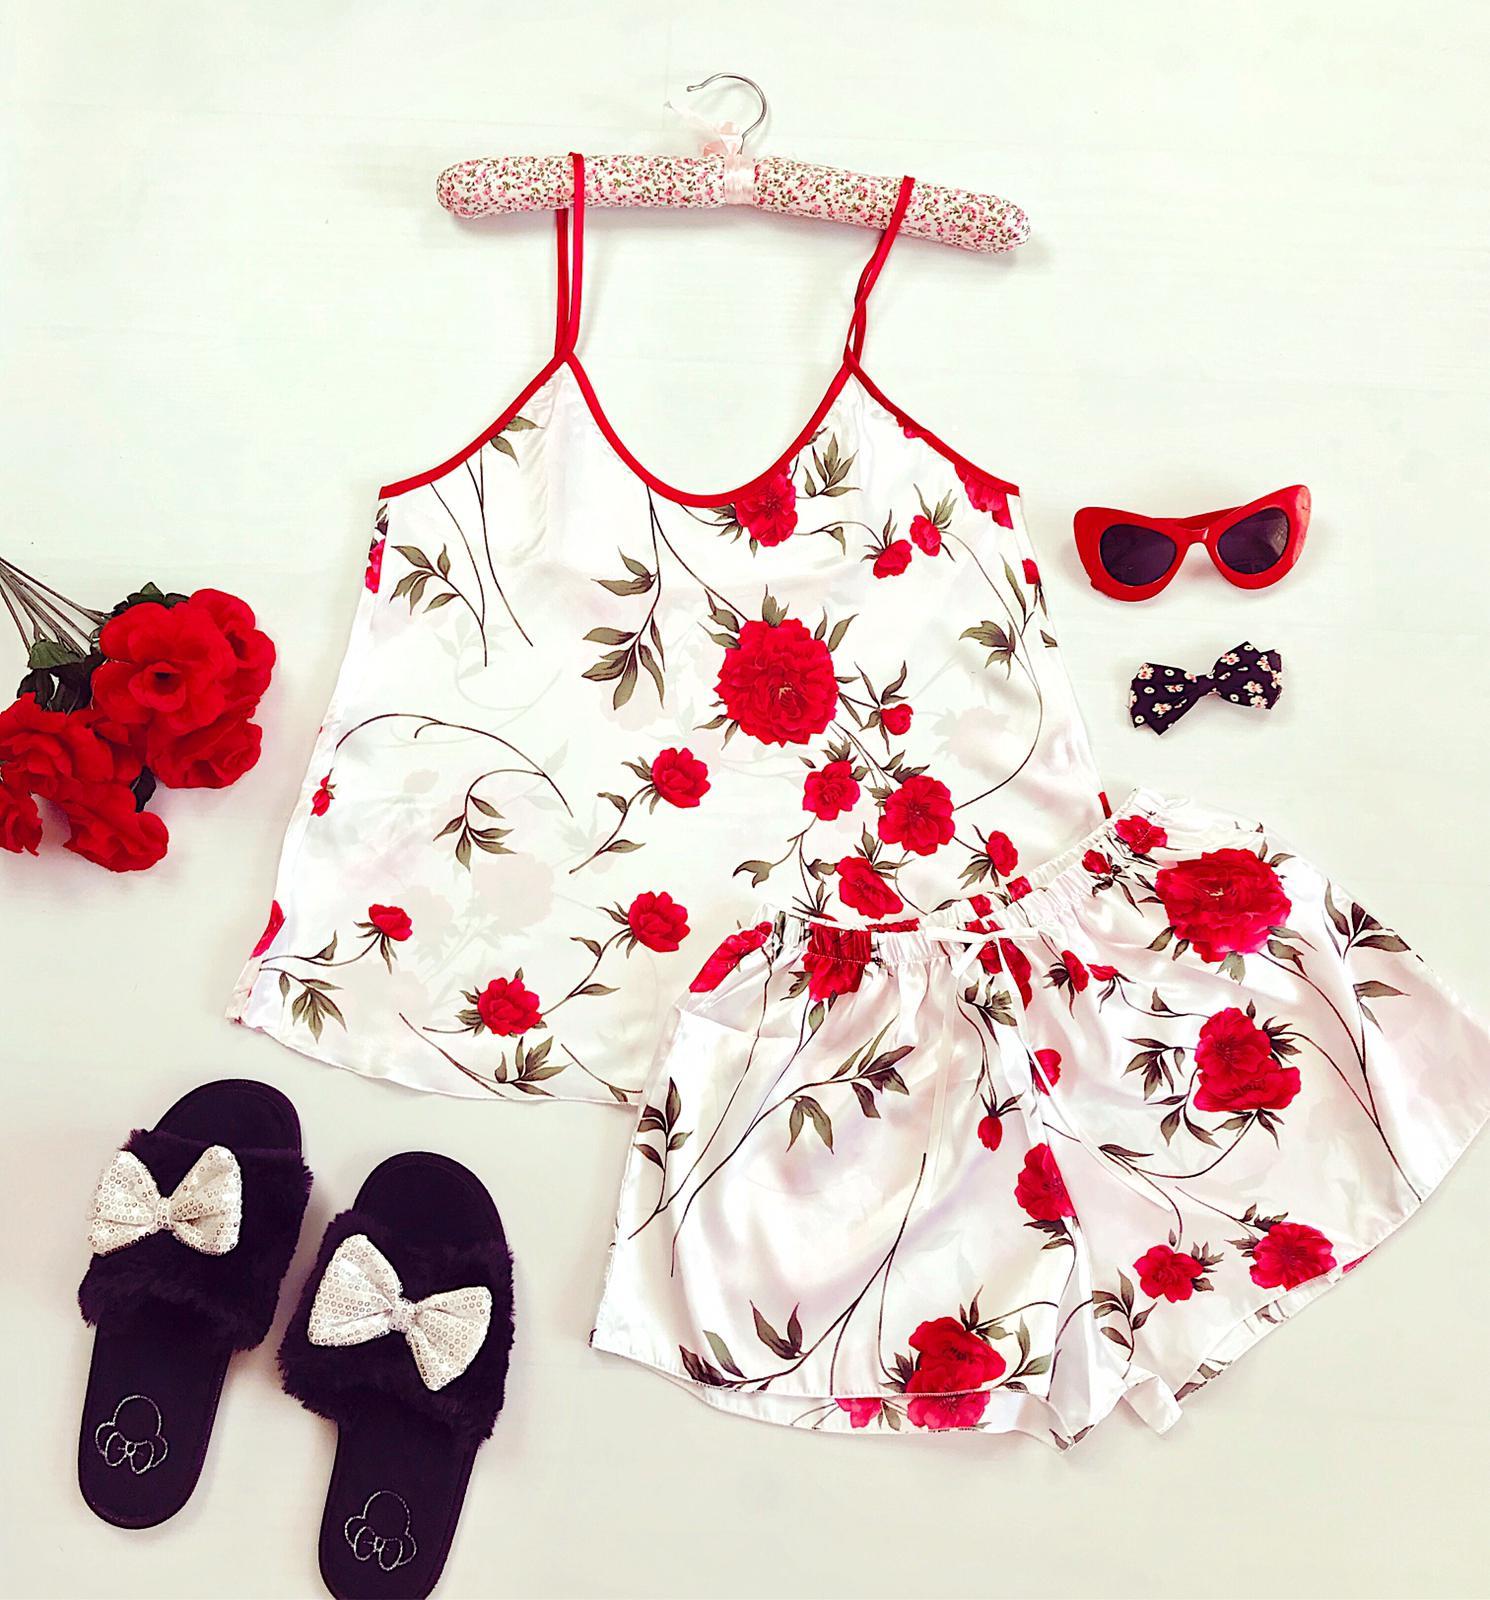 Compleu pijama set maiou si pantaloni scurti din satin premium alb cu imprimeu trandafiri rosii delicati